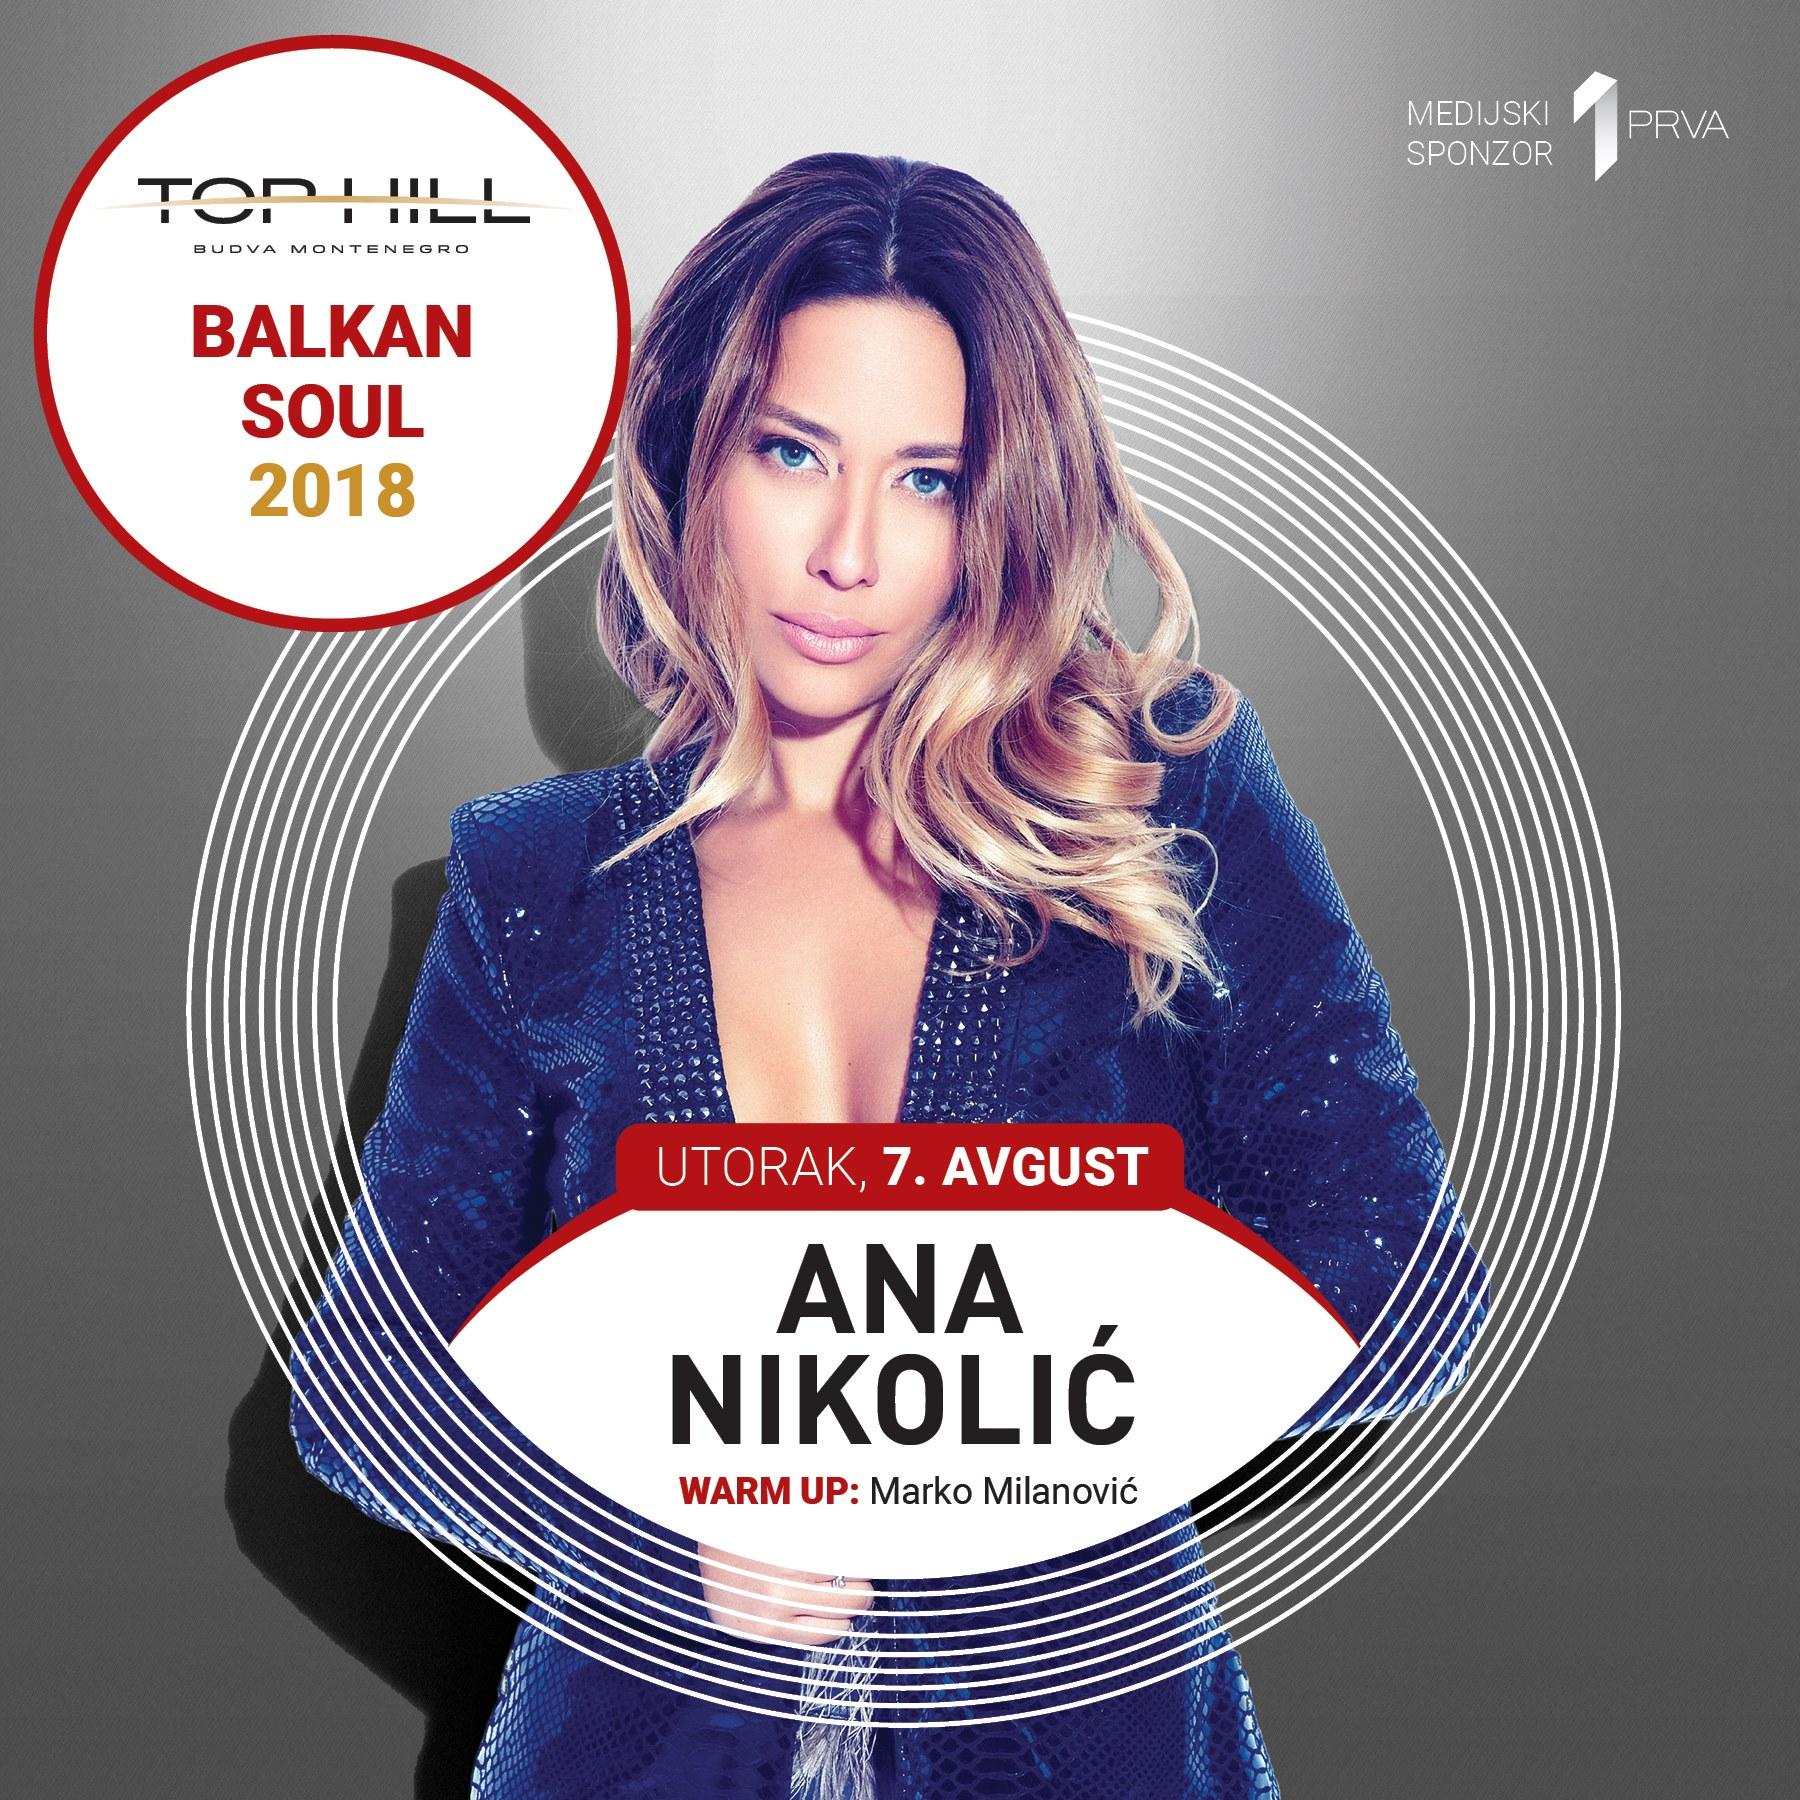 Ana Nikolić